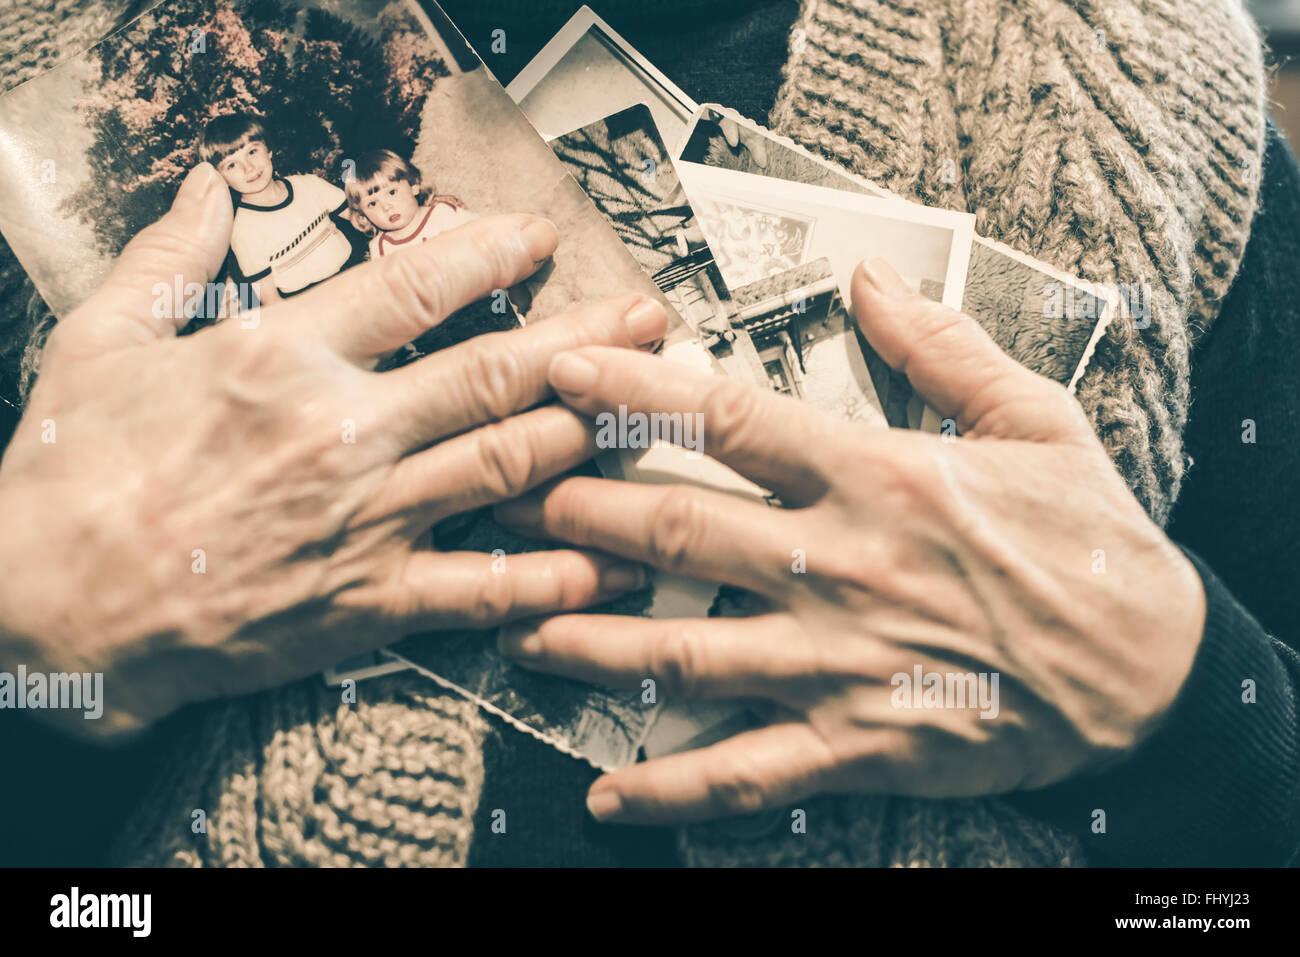 Händen der älteren Frau mit alten Fotografien, close-up Stockbild